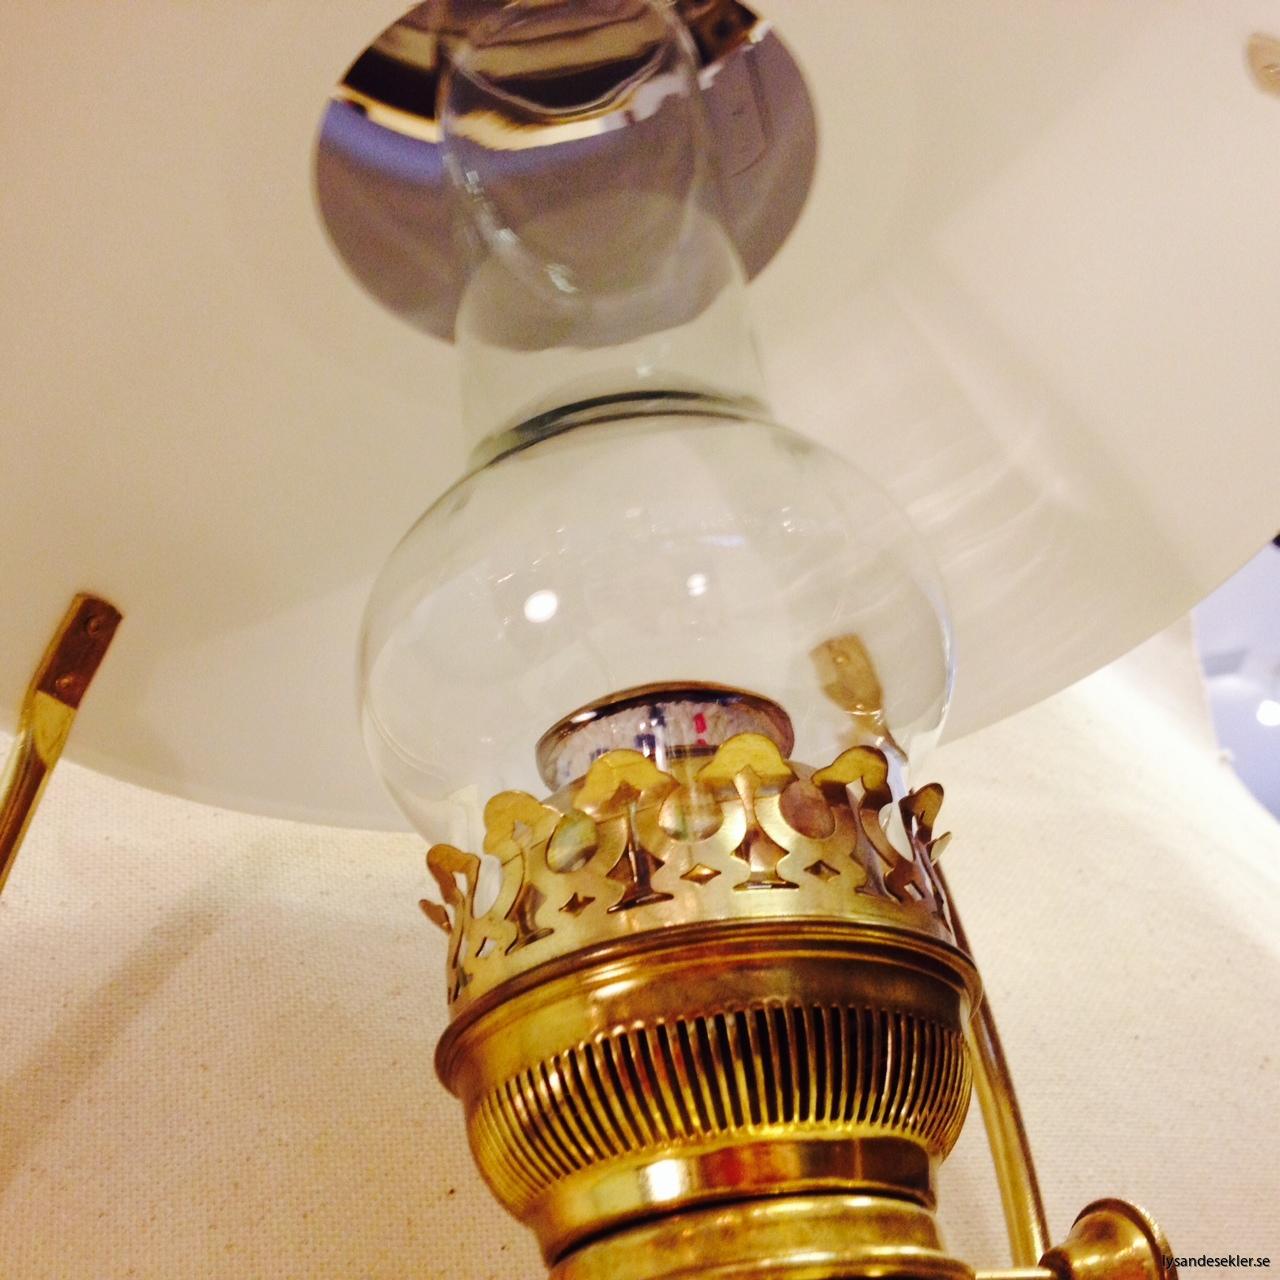 fotogenlampsbrännare